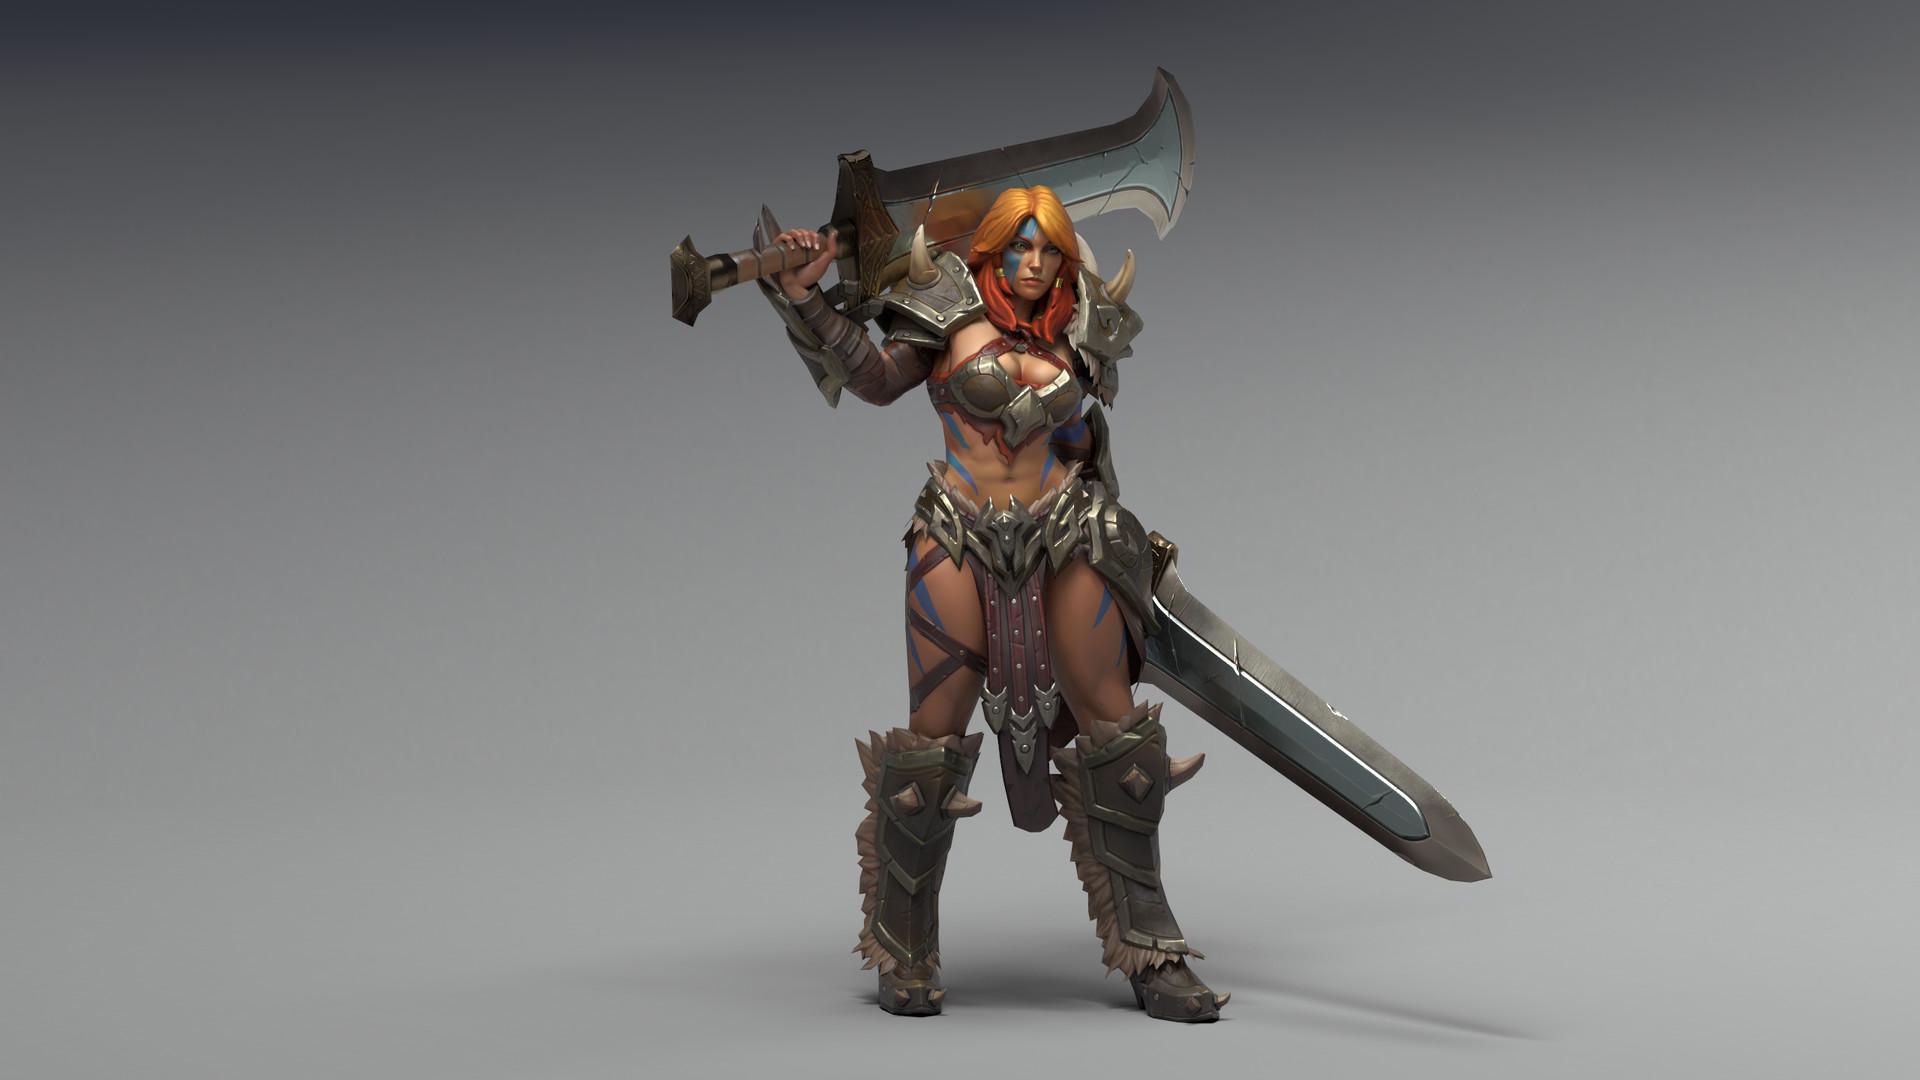 Wallpaper Barbarian Sword Armor Diablo 3 Reaper Of Souls